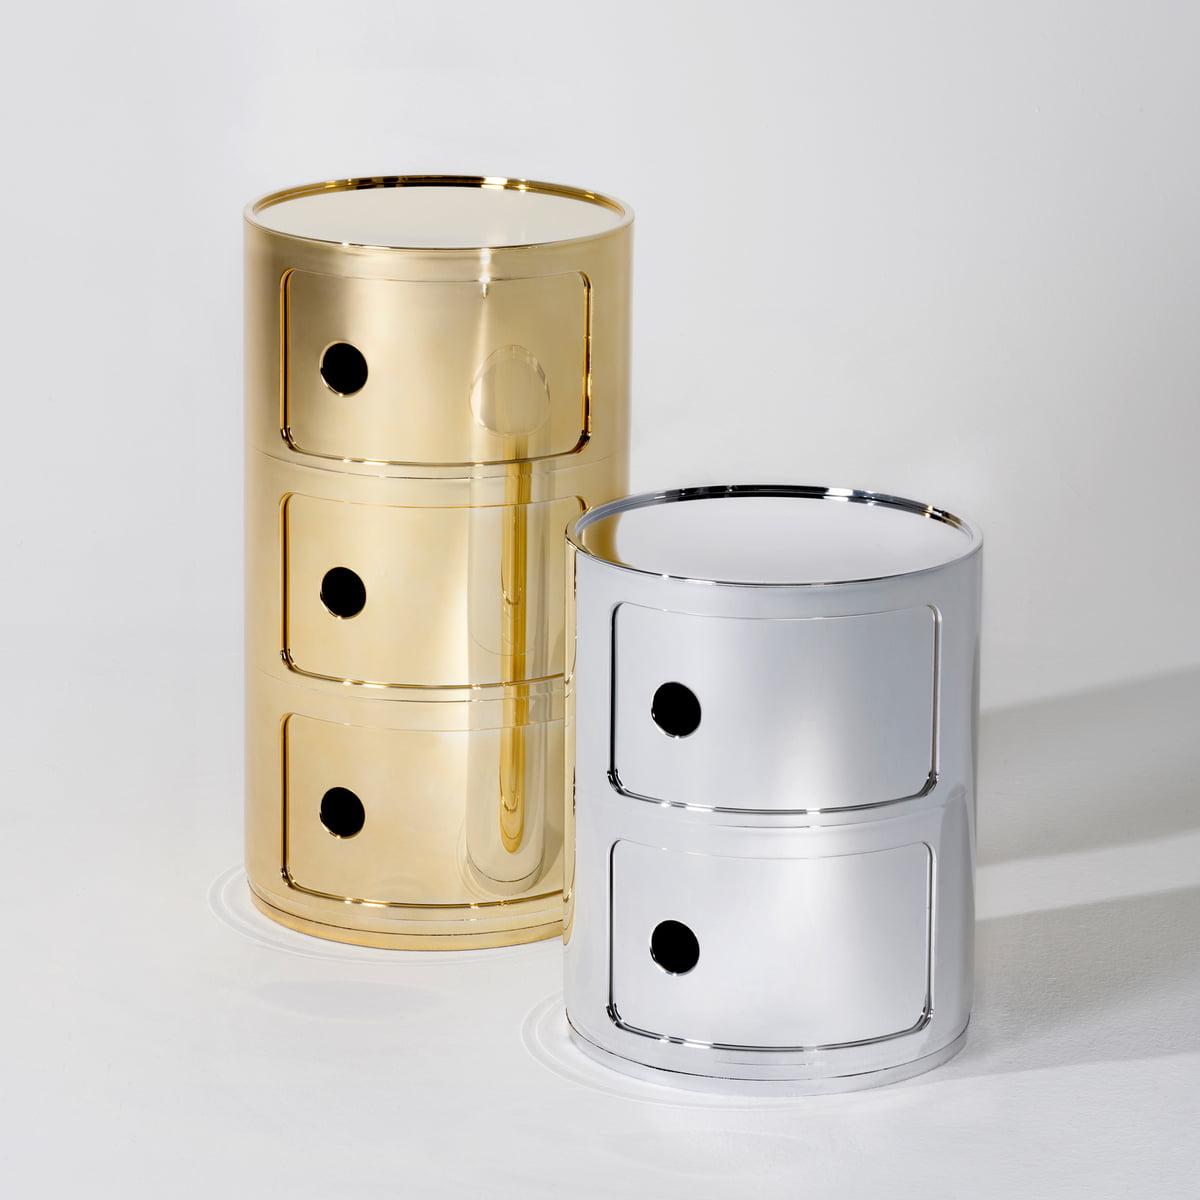 kartell componibili 5966 5967 kaufen. Black Bedroom Furniture Sets. Home Design Ideas